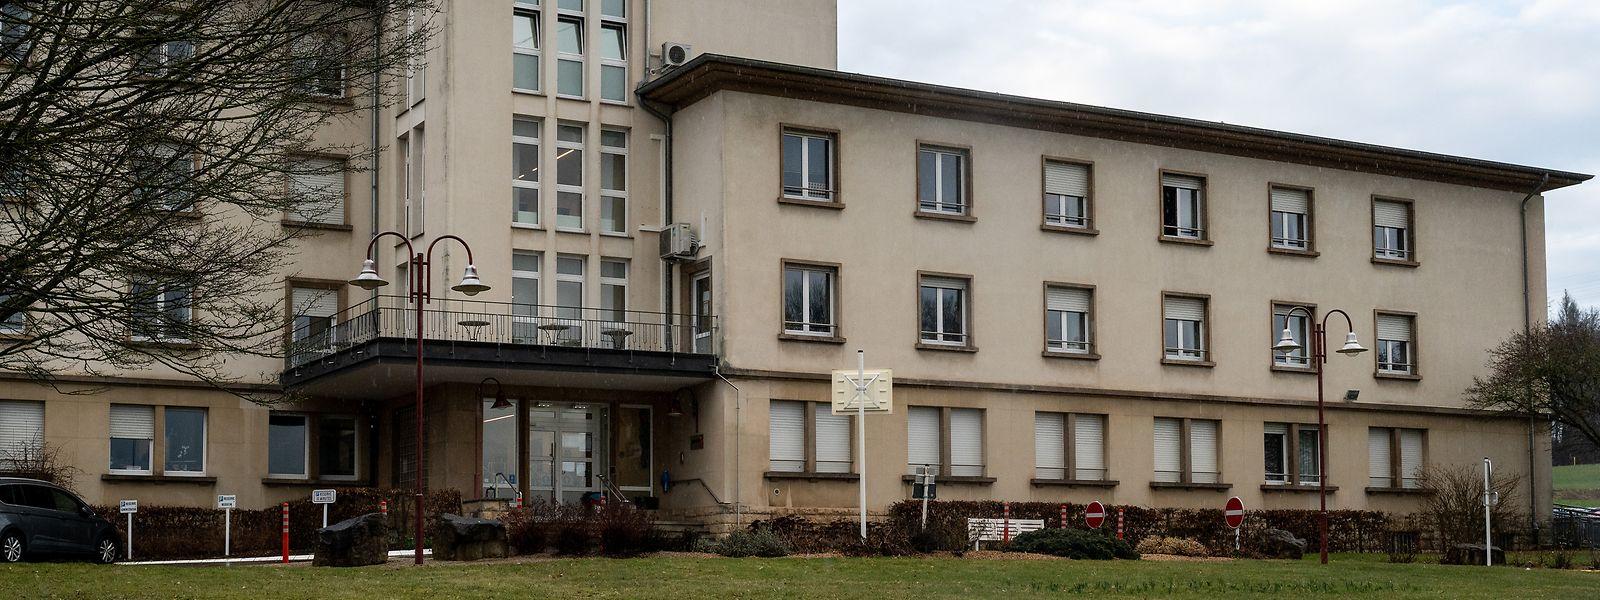 Le premier cas positif au sein de la maison de retraite avait été découvert le 18 février dernier, jour où débutait la vaccination des résidents et du personnel.